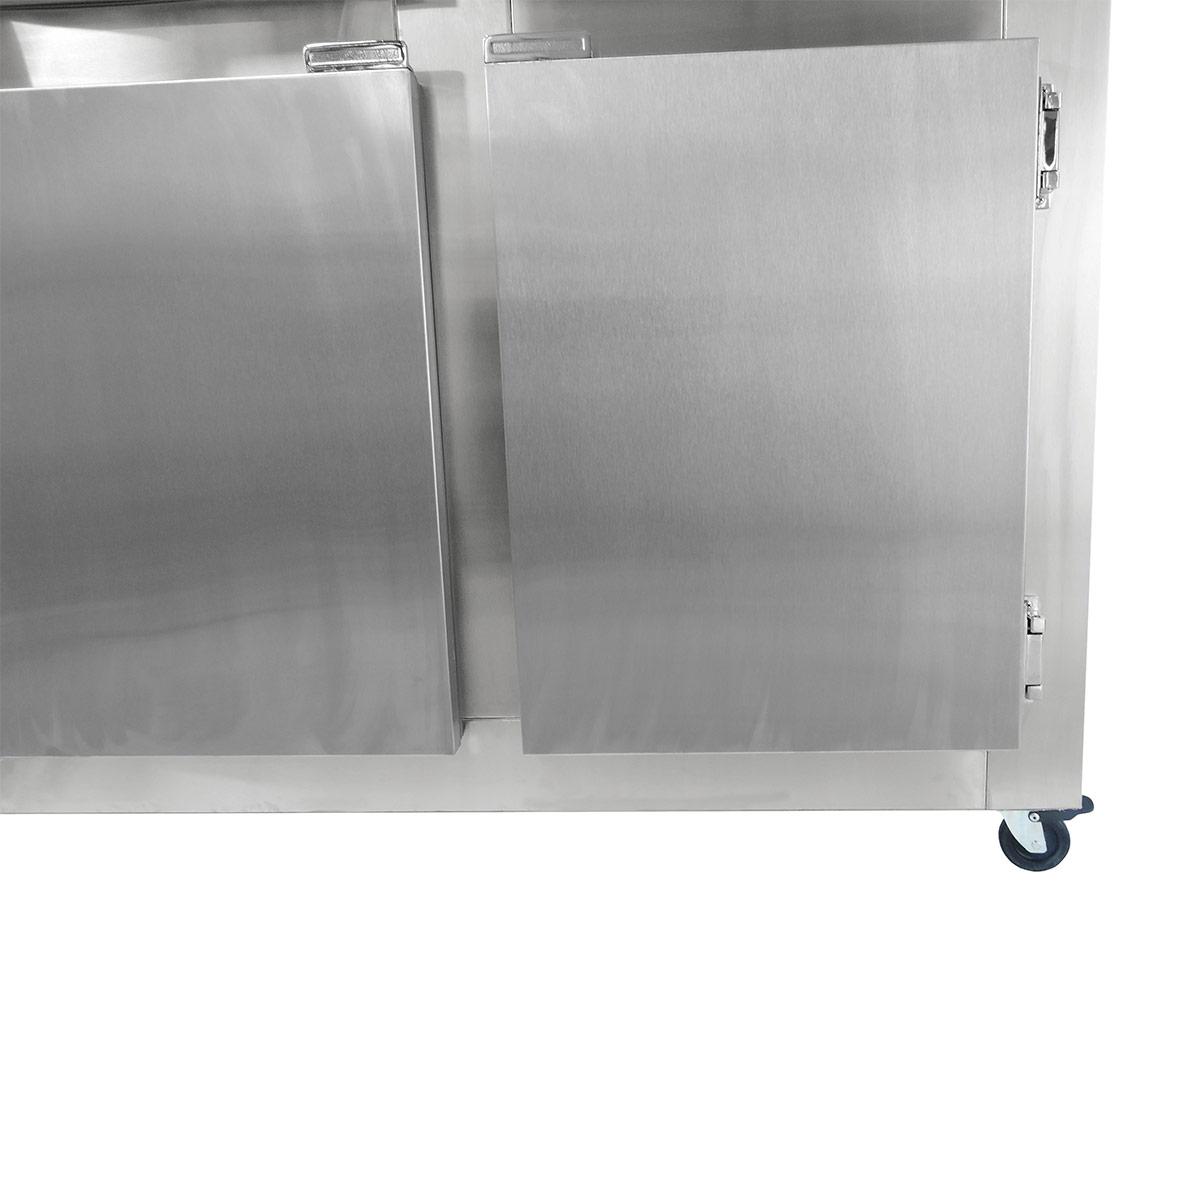 Geladeira Comercial 4 Portas Inox e Rodízios -Frilux